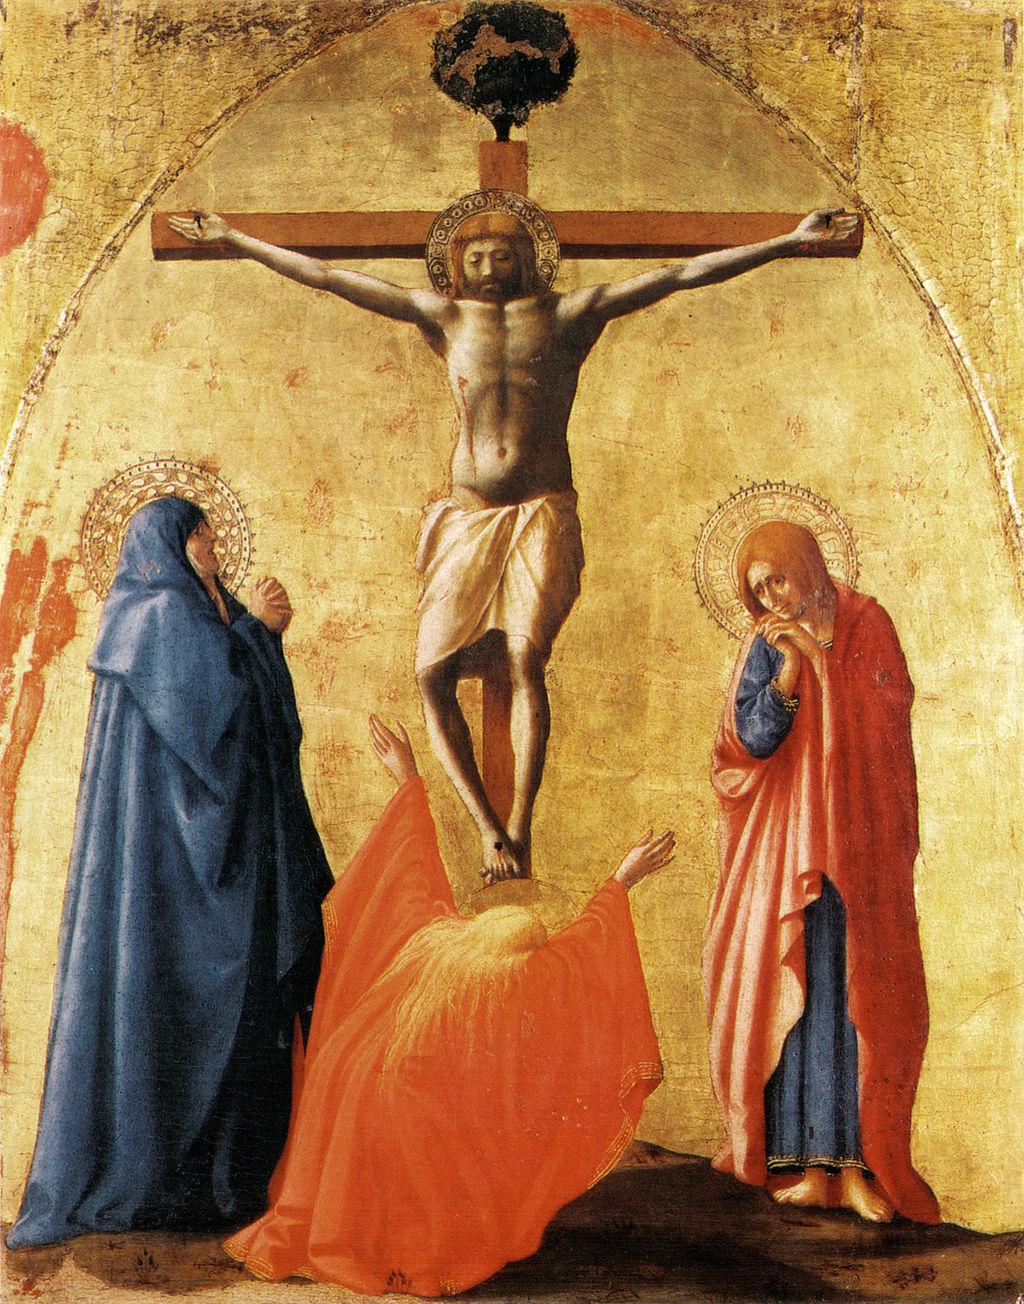 Masaccio, polittico di pisa, crocefissione napoli, 83x63 cm